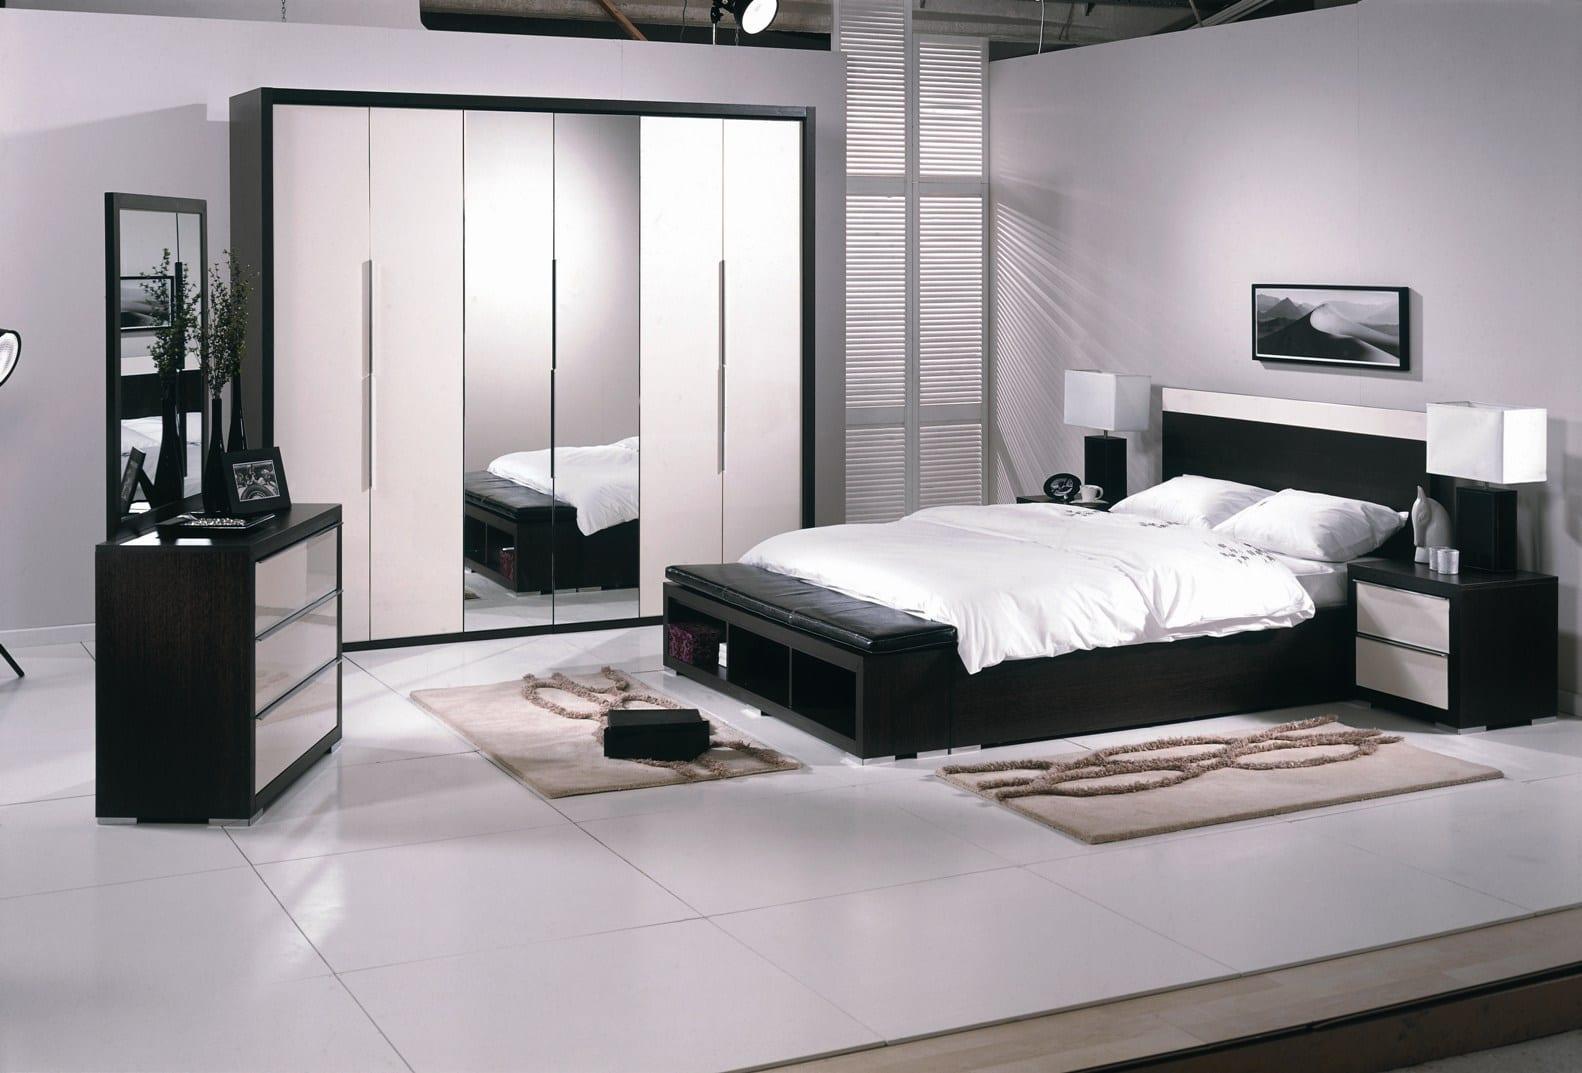 siyah beyaz tekzen Yatak Odasi